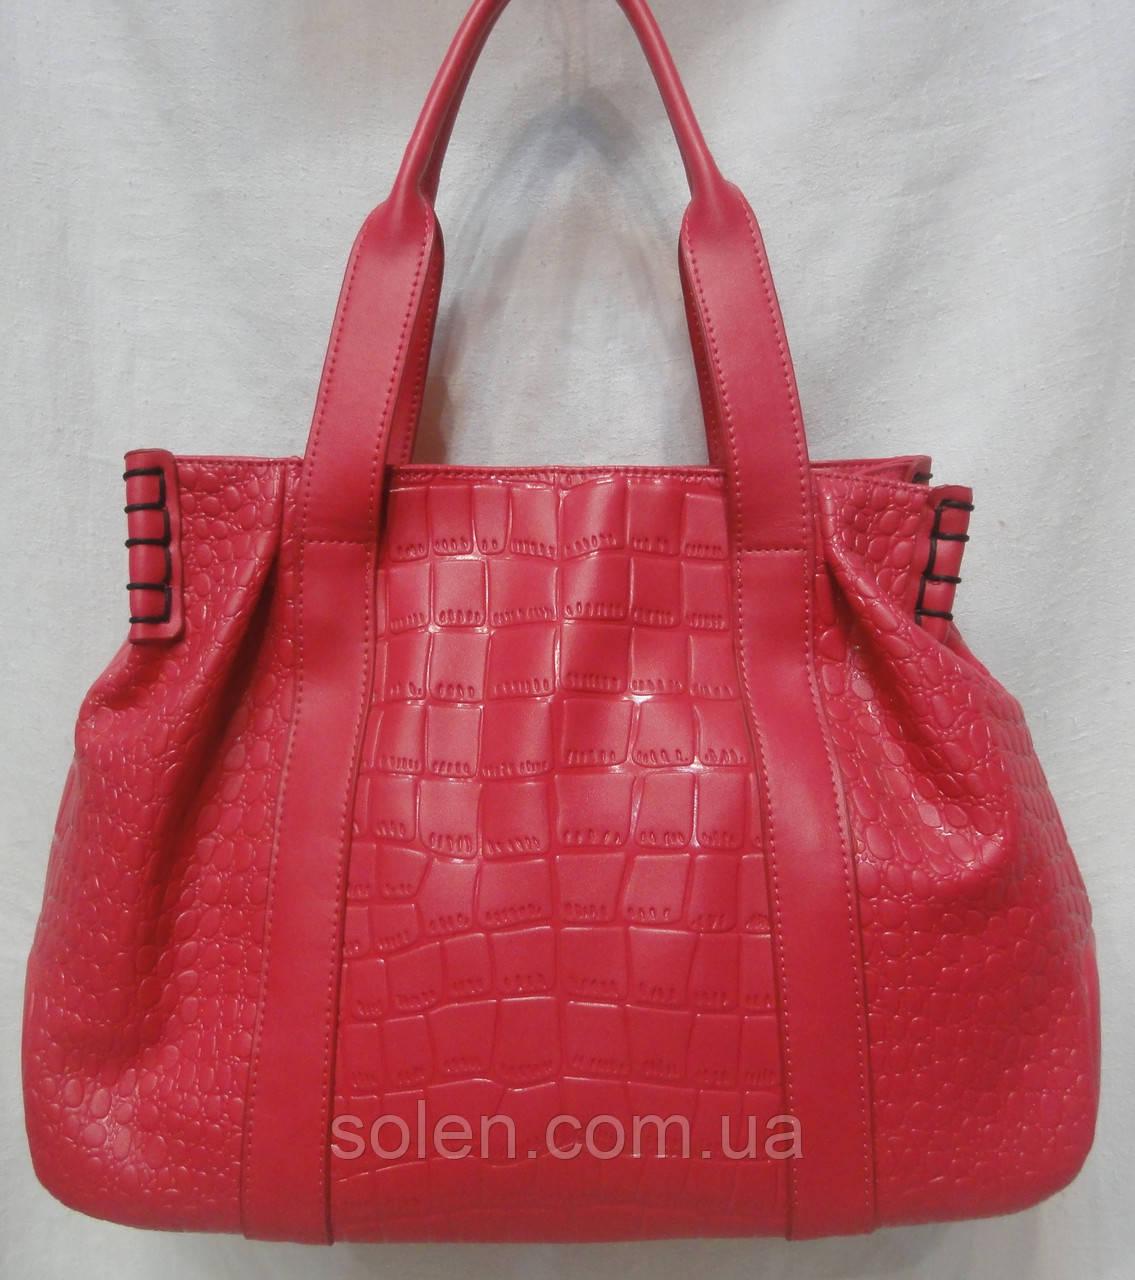 Стильная кожаная сумка. - Интернет-магазин сумок Solen в Харькове